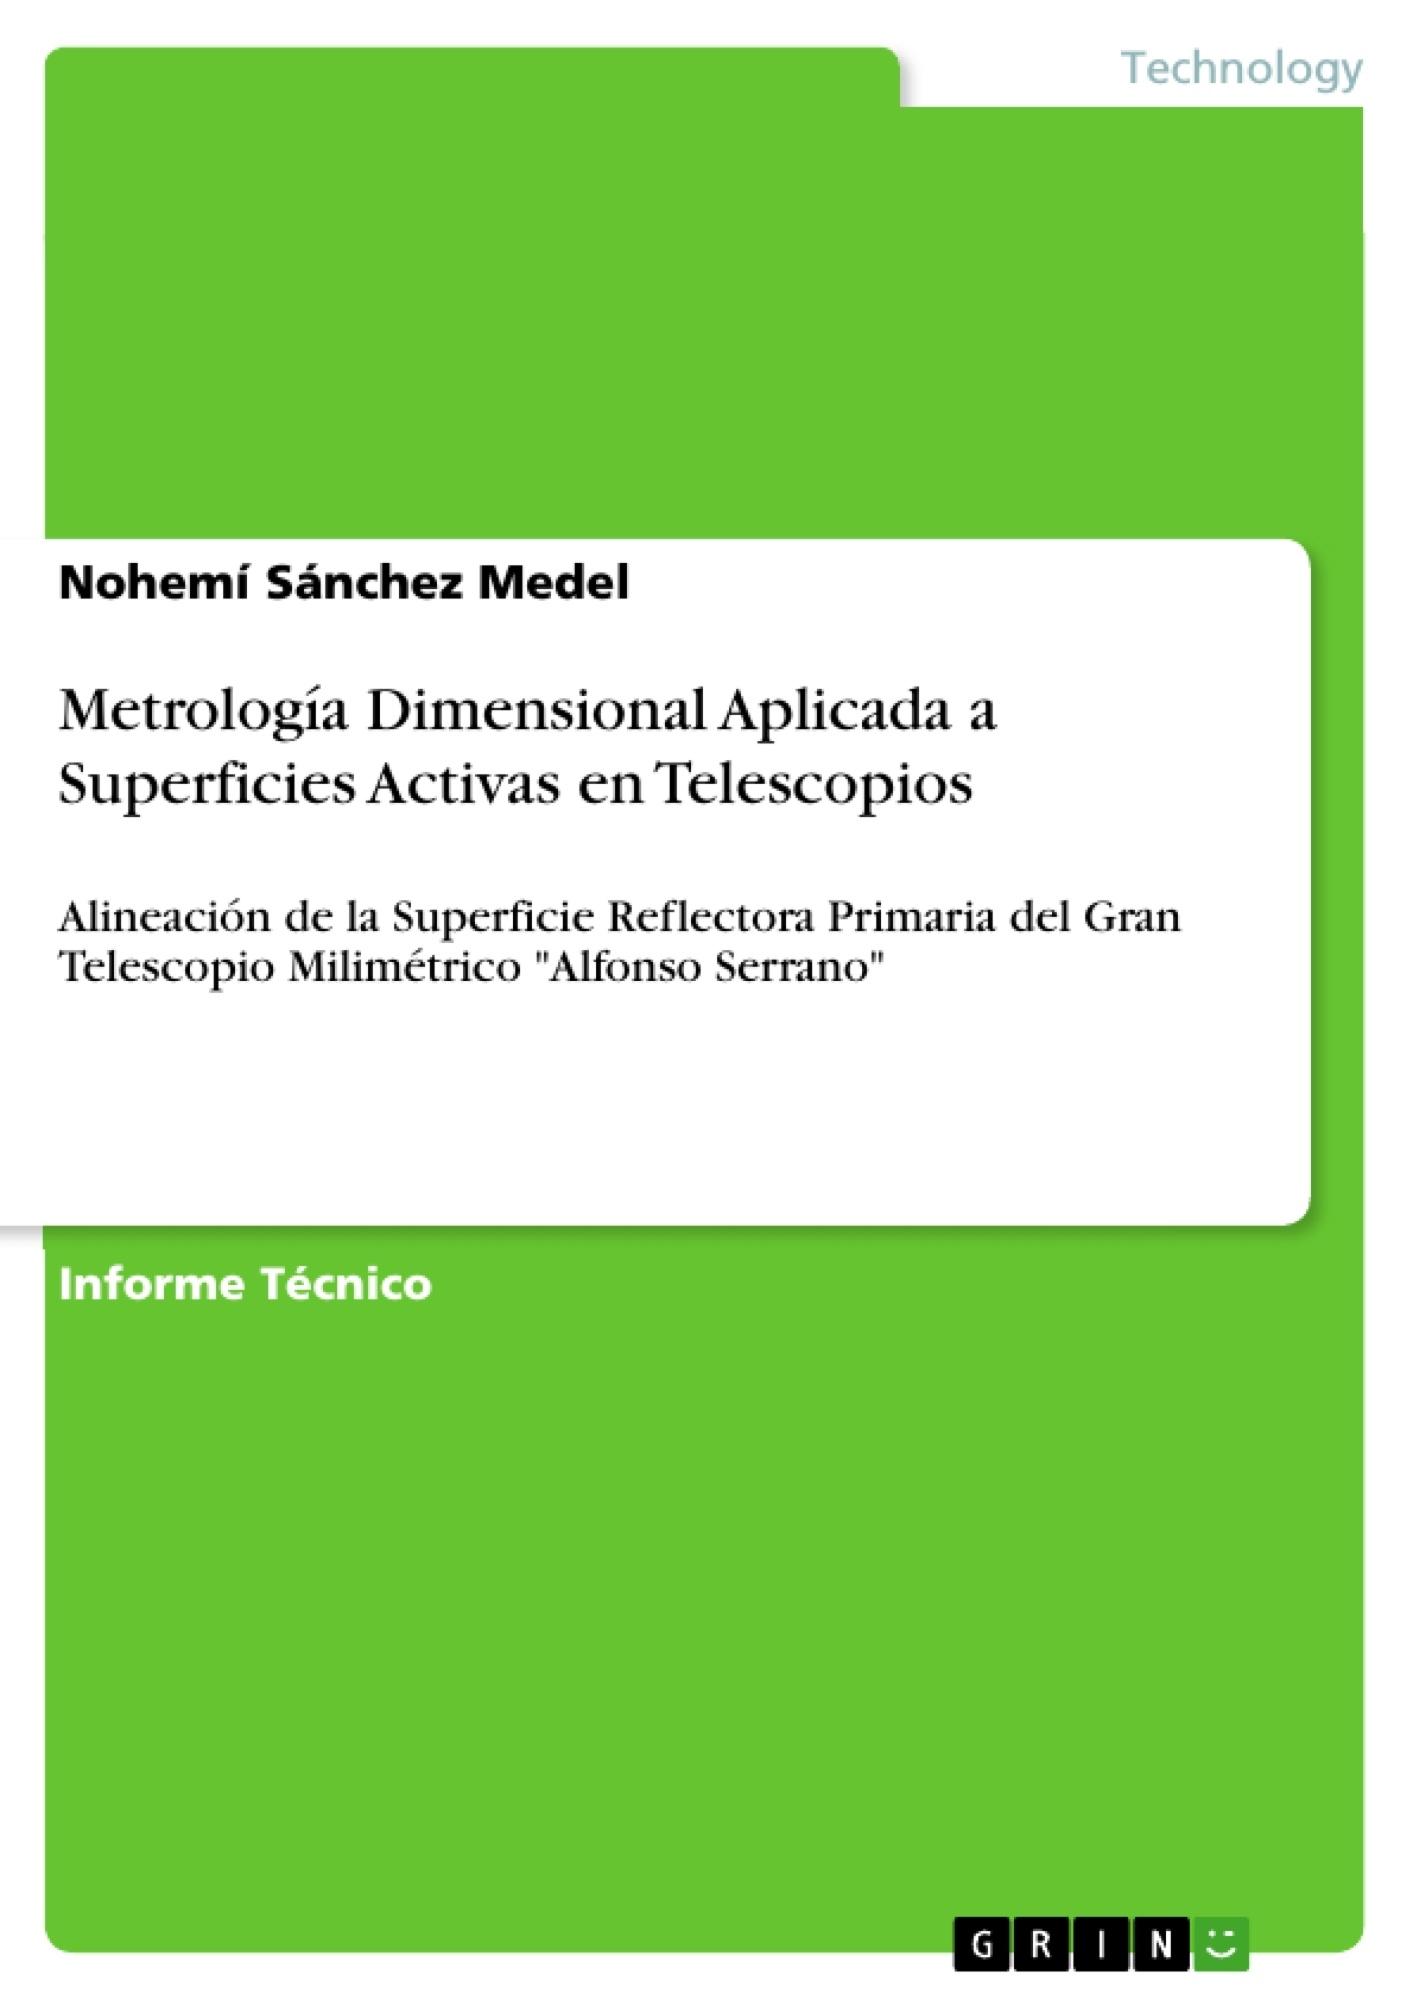 Título: Metrología Dimensional Aplicada a Superficies Activas en Telescopios